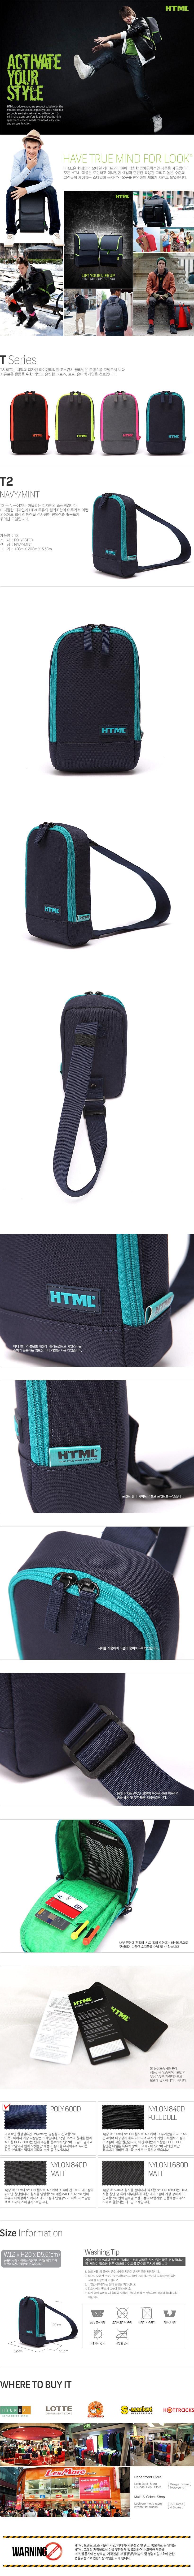 [에이치티엠엘]HTML- T2 Slingbag (NAVY/MINT)